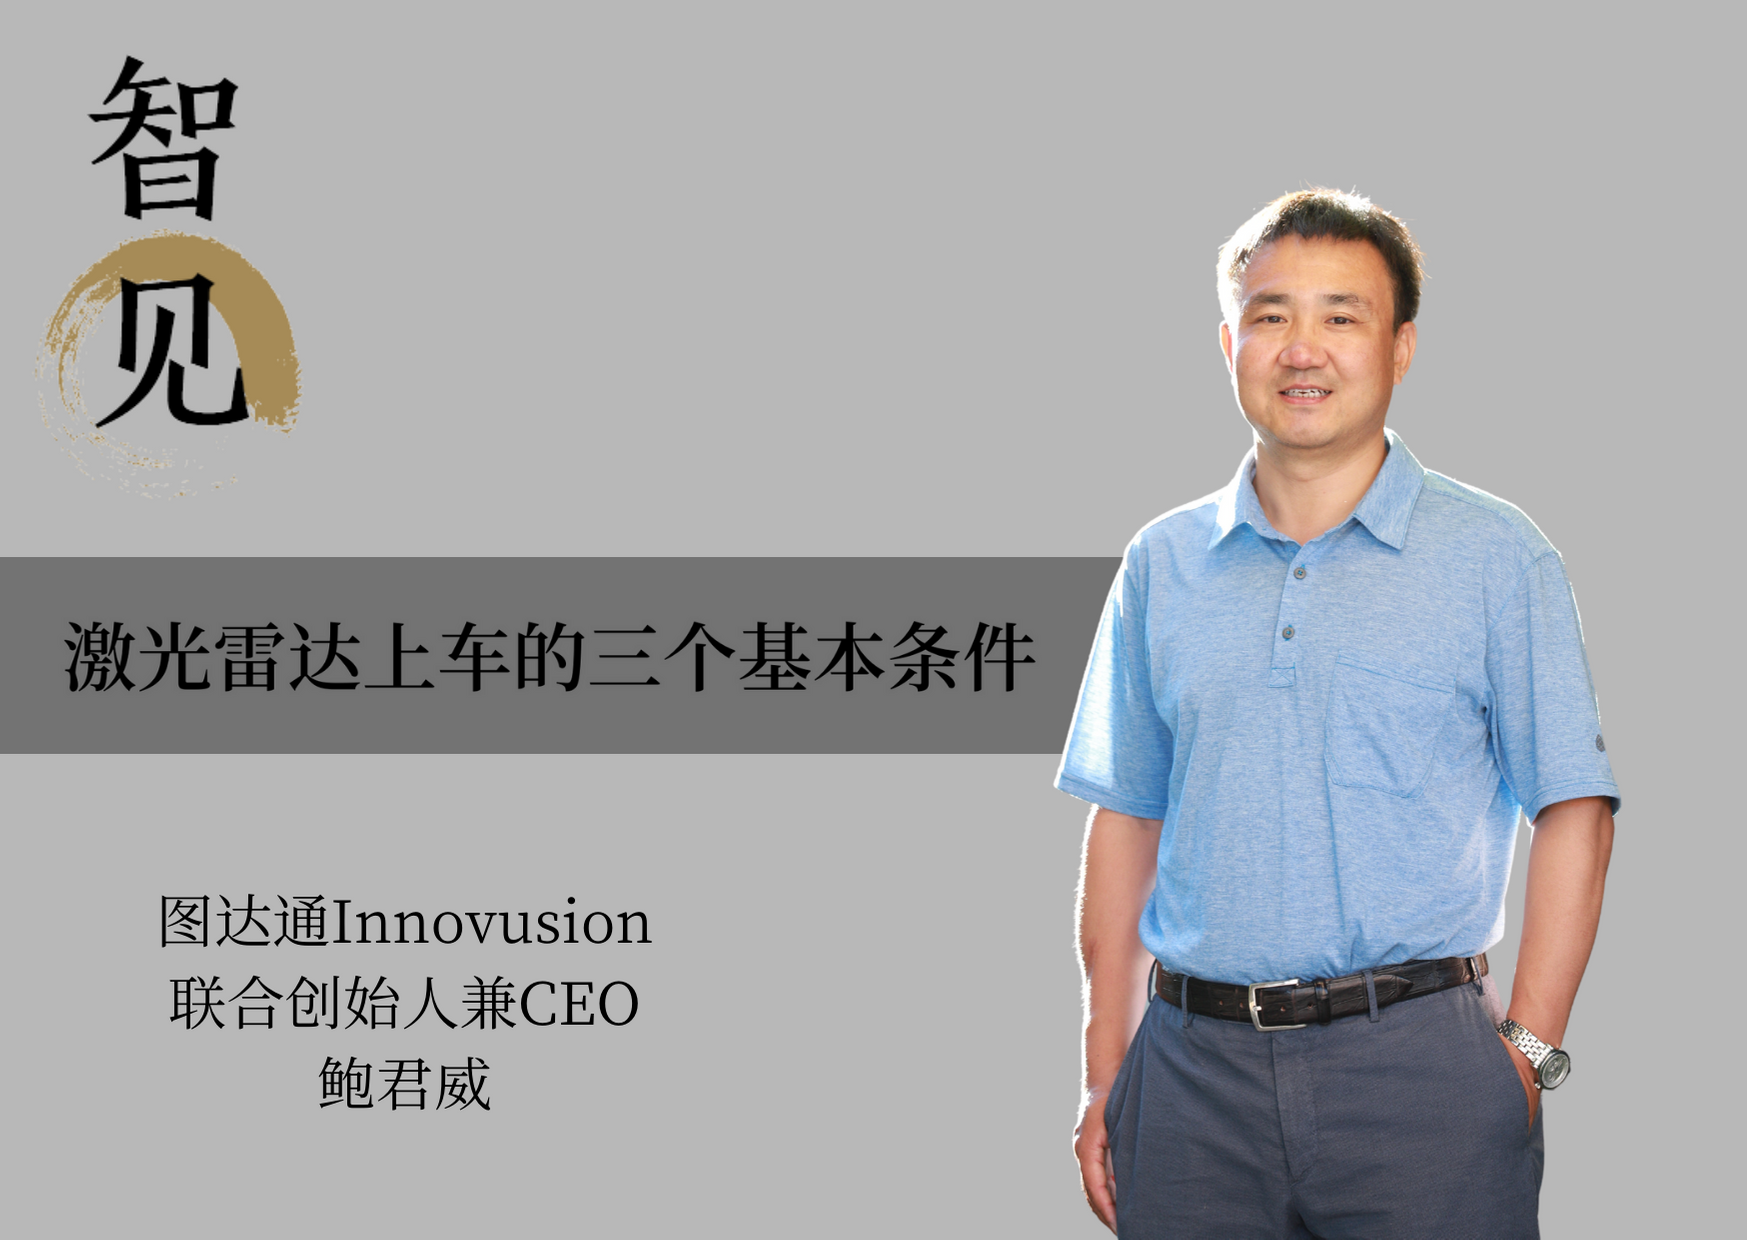 智见丨图达通鲍君威:激光雷达上车的三个基本条件